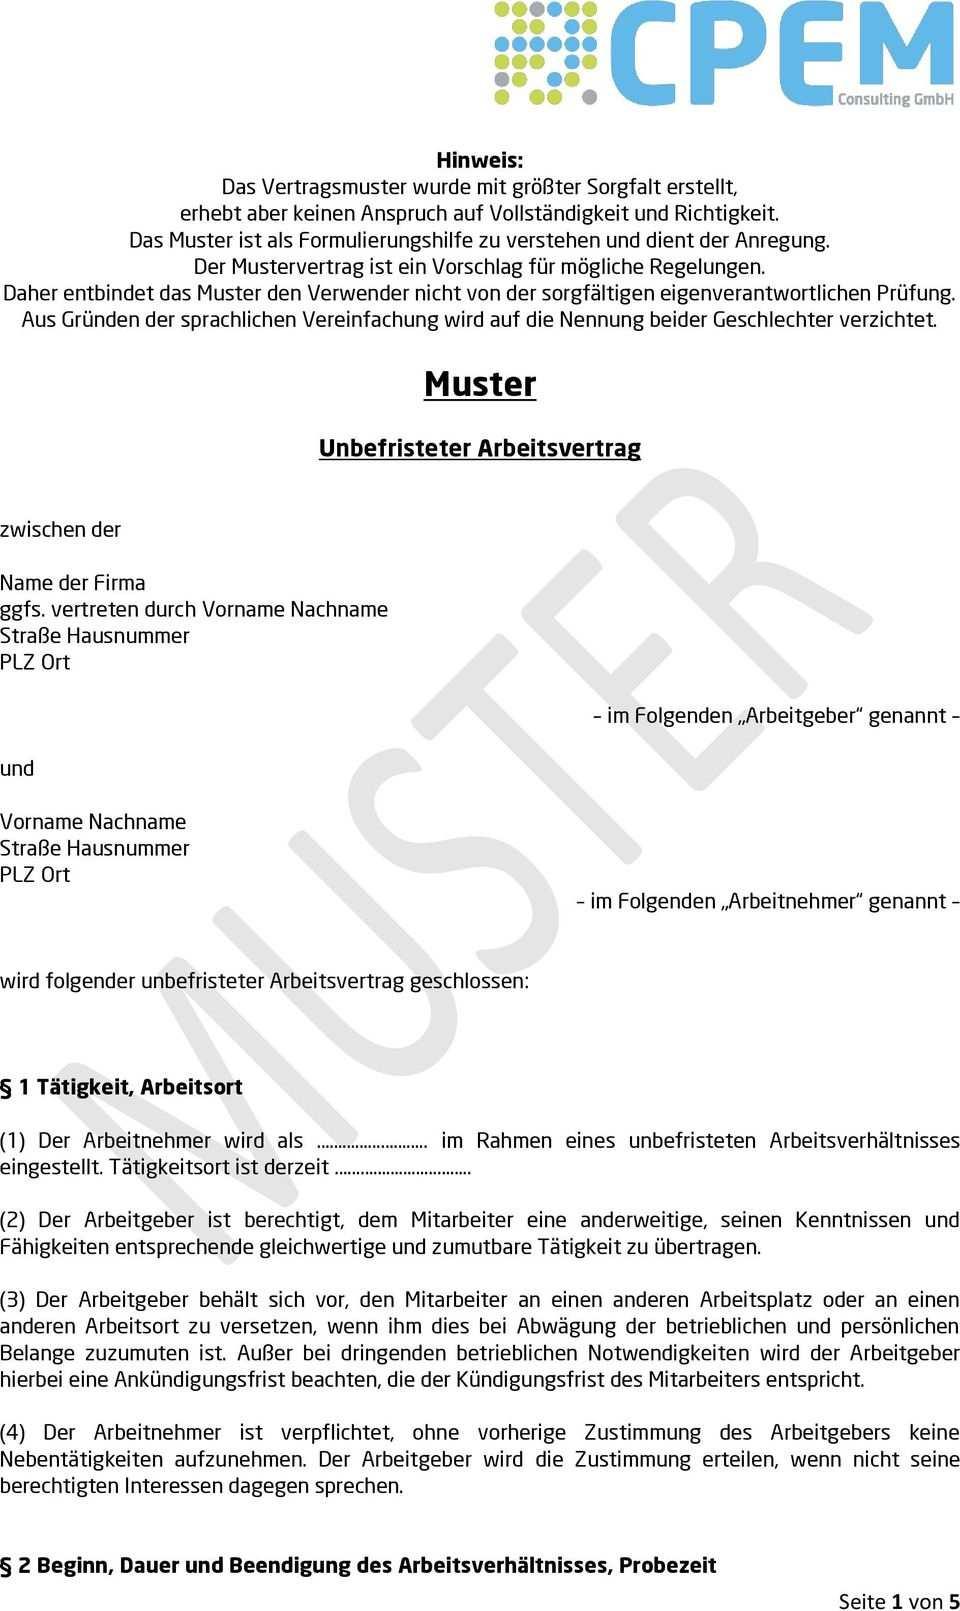 Muster Unbefristeter Arbeitsvertrag Vorname Nachname Strasse